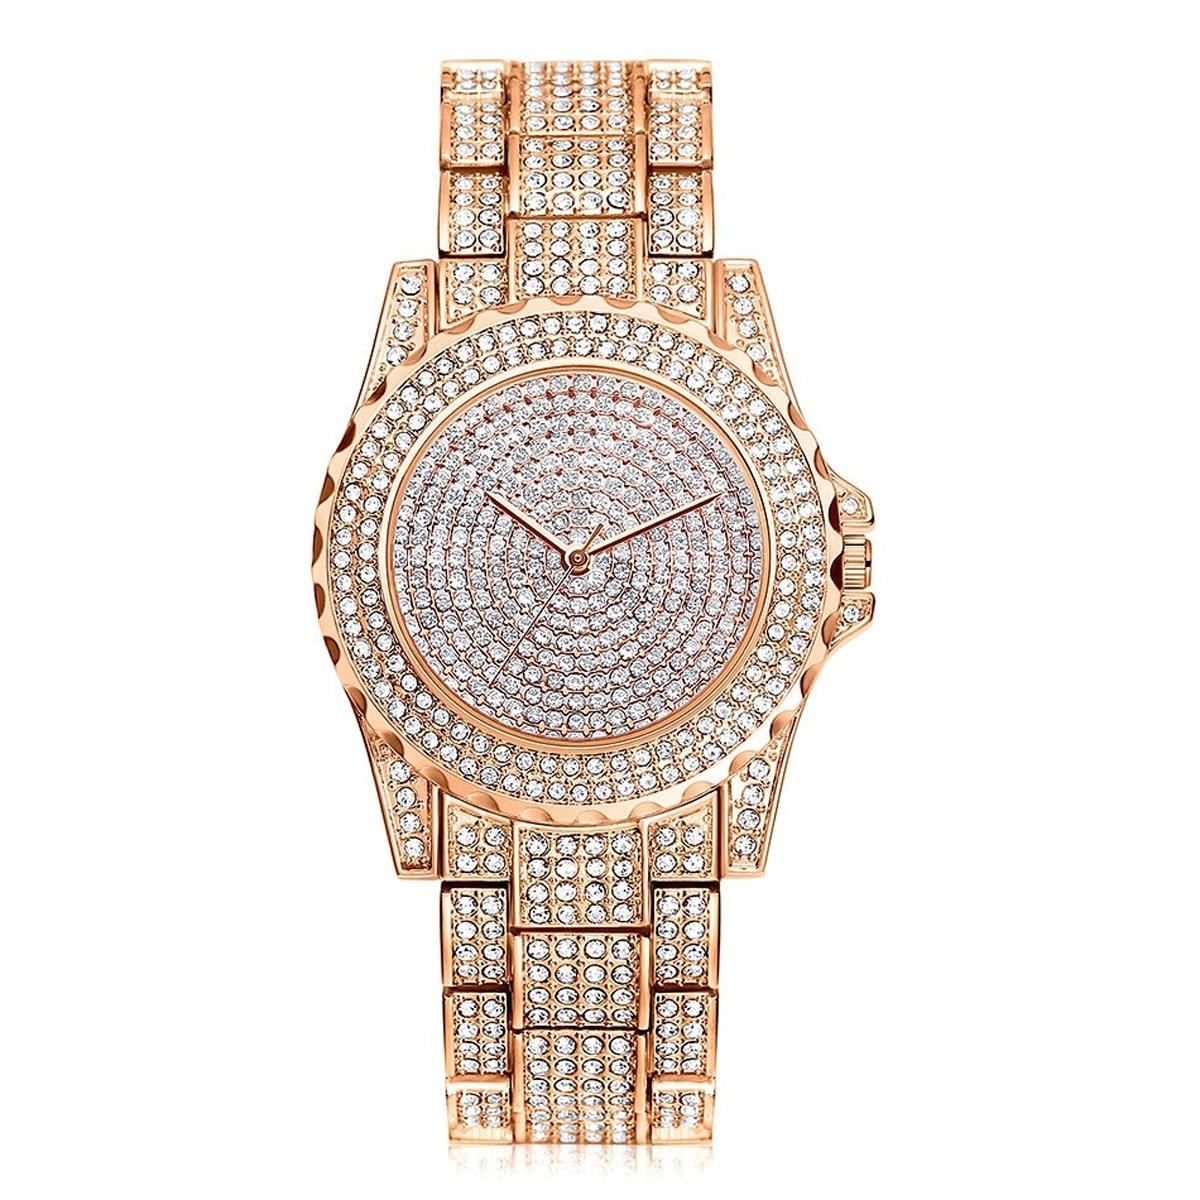 40809c06450 ... Luxo de Cristal Cheio de Bling Strass Diamante Relógios Mostrador Redondo  Aço Inoxidável Vestido Relógio Pulso Quartzo Feminino Presente ...